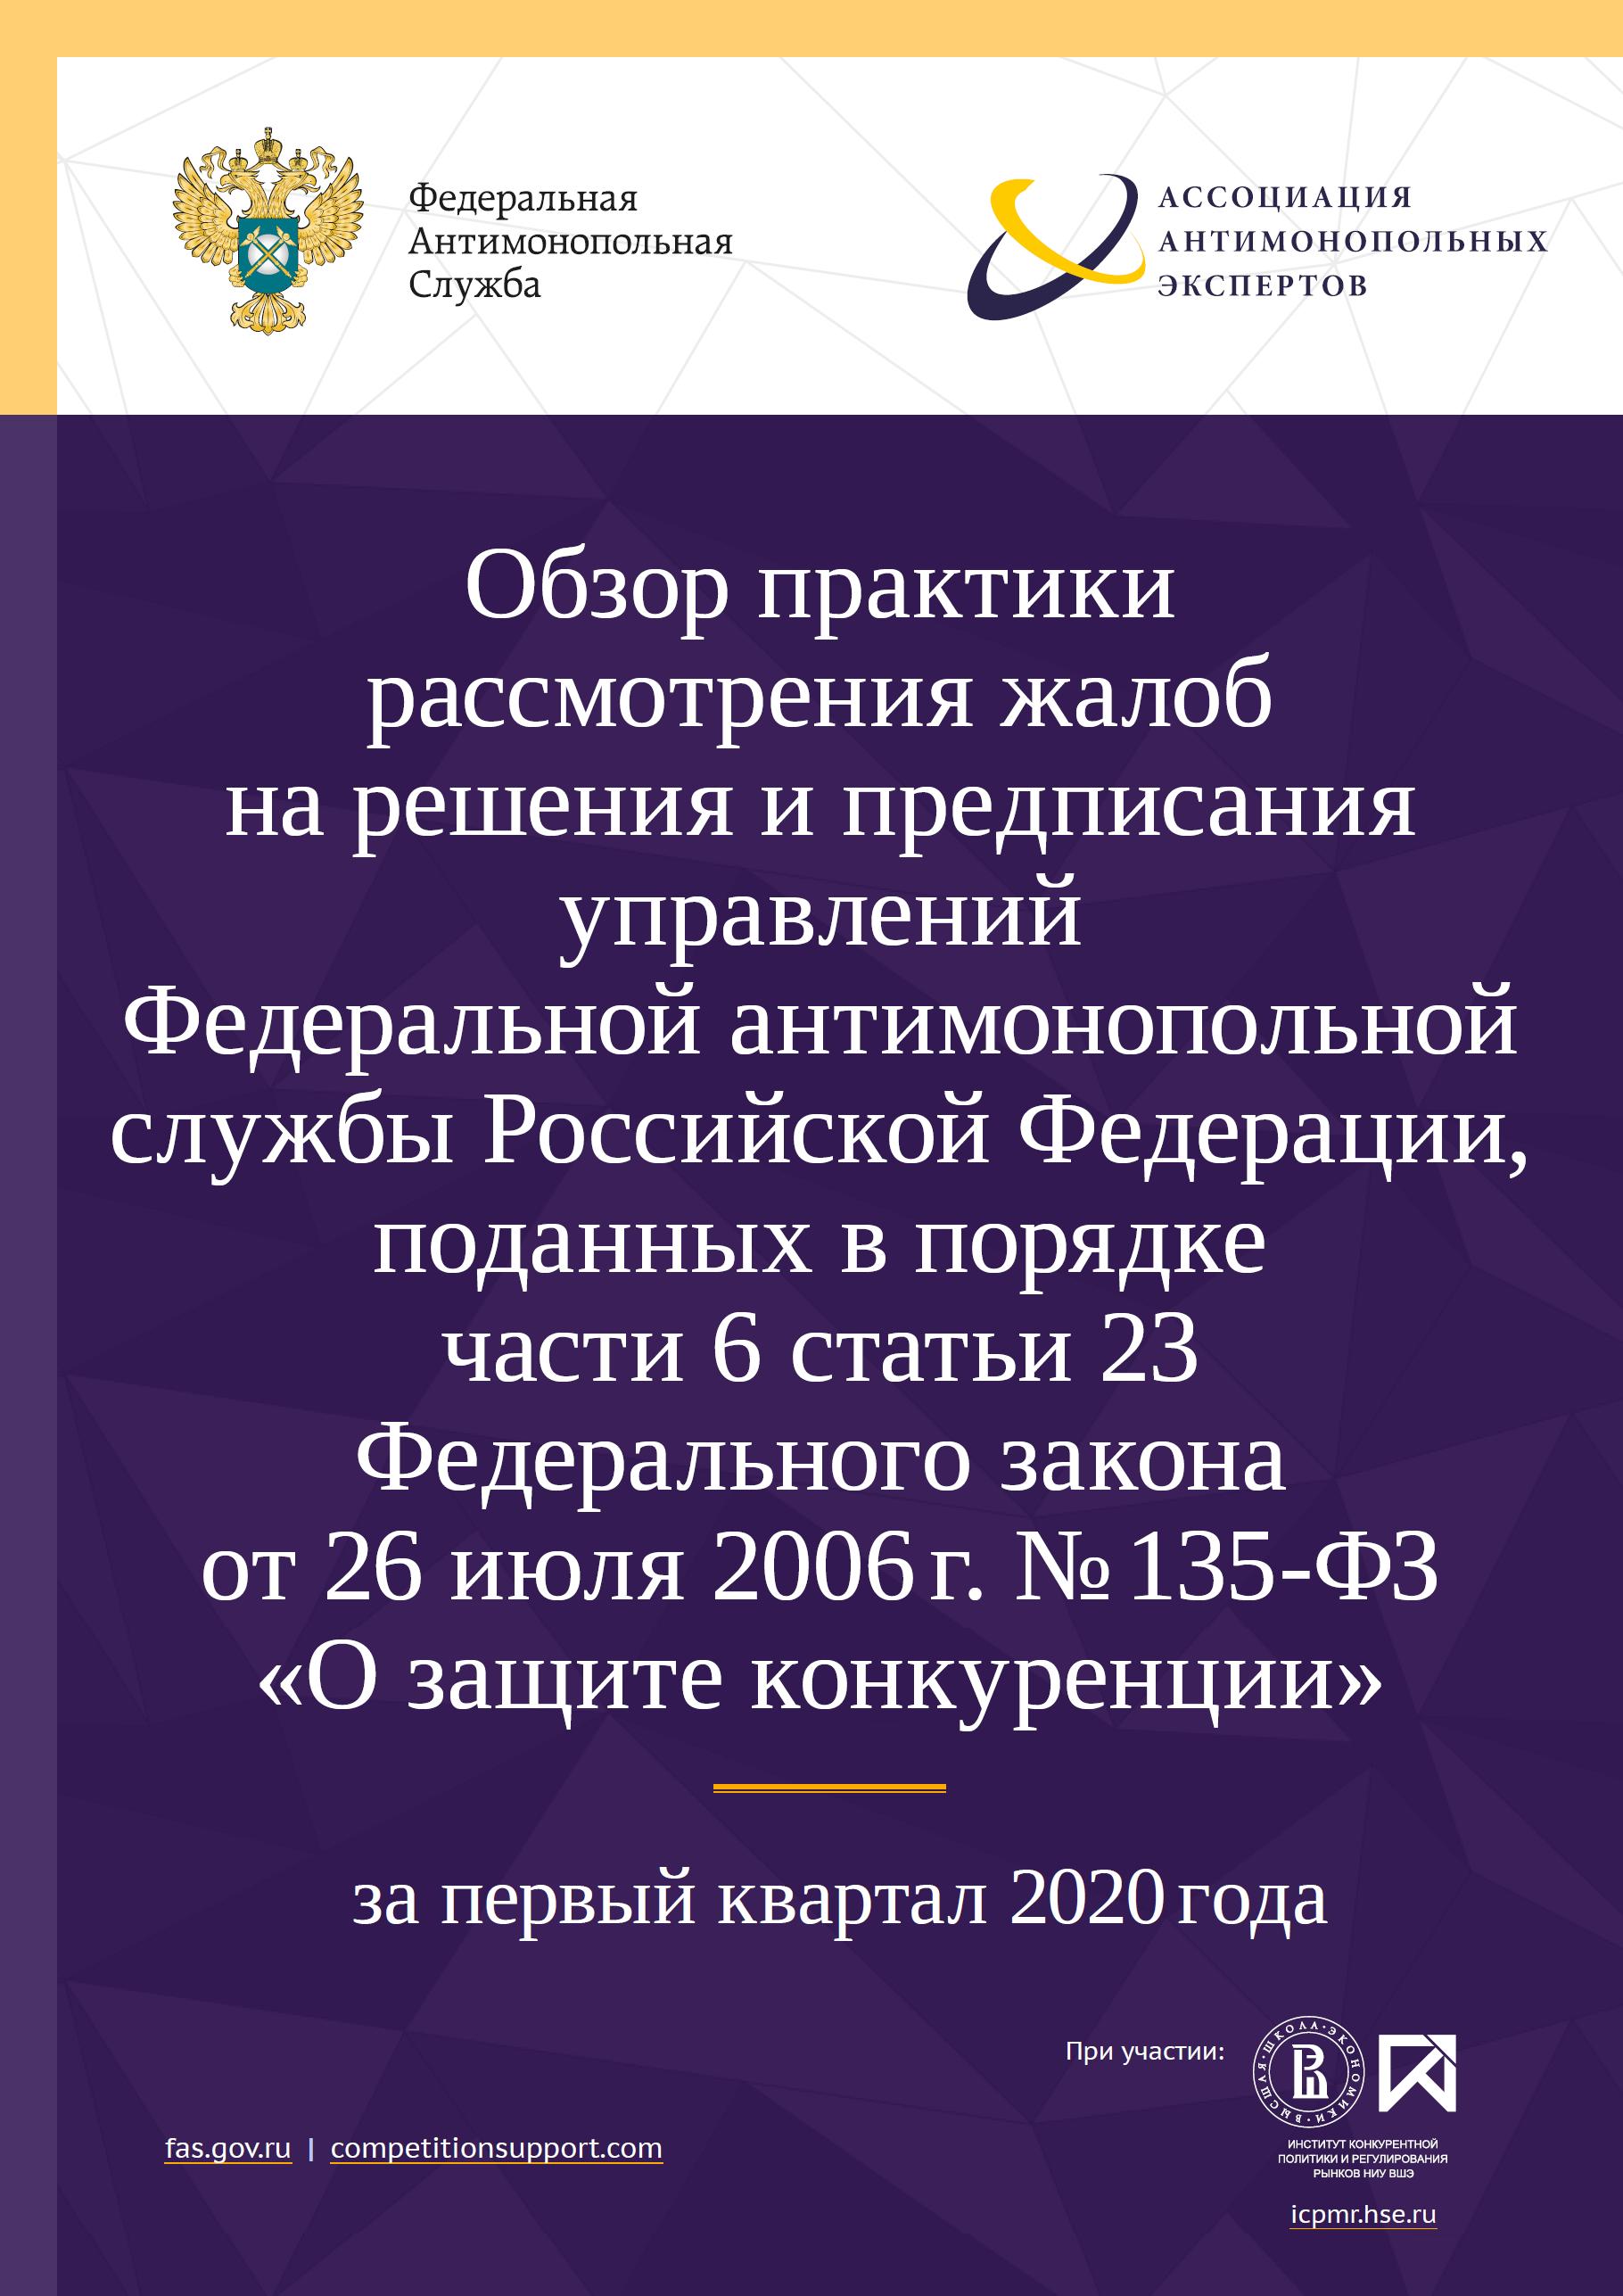 Обзор практики рассмотрения жалоб на решения и предписания управлений Федеральной антимонопольной службы Российской Федерации, поданных в порядке части 6 статьи 23 Федерального закона от 26 июля 2006 г. № 135-ФЗ «О защите конкуренции» за первый квартал 2020 года